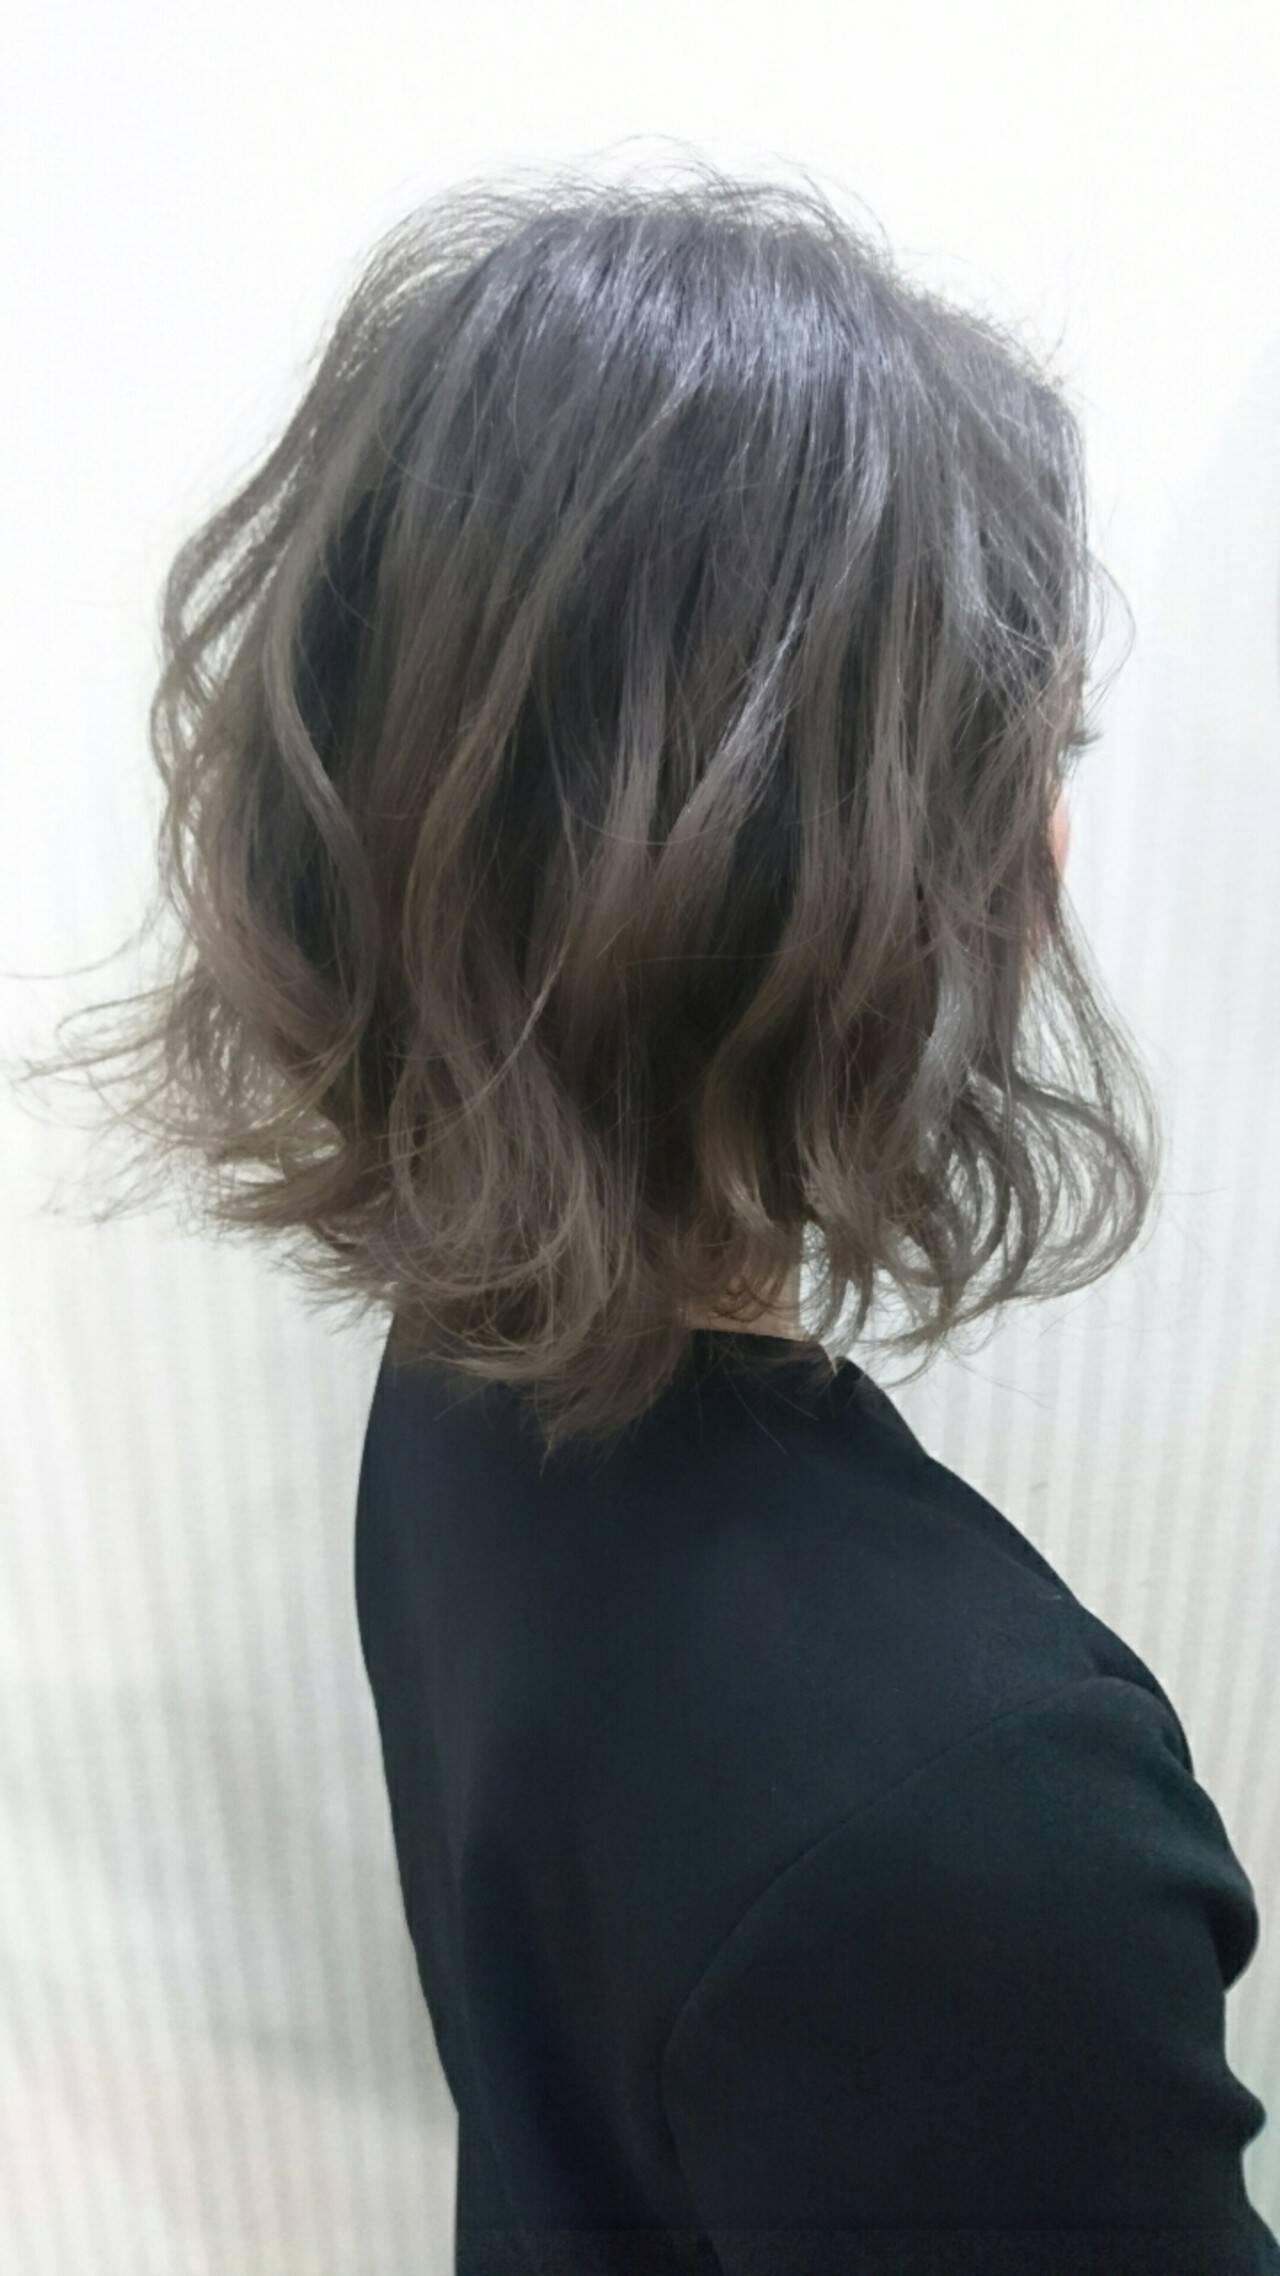 グレージュ ボブ フェミニン パーマヘアスタイルや髪型の写真・画像